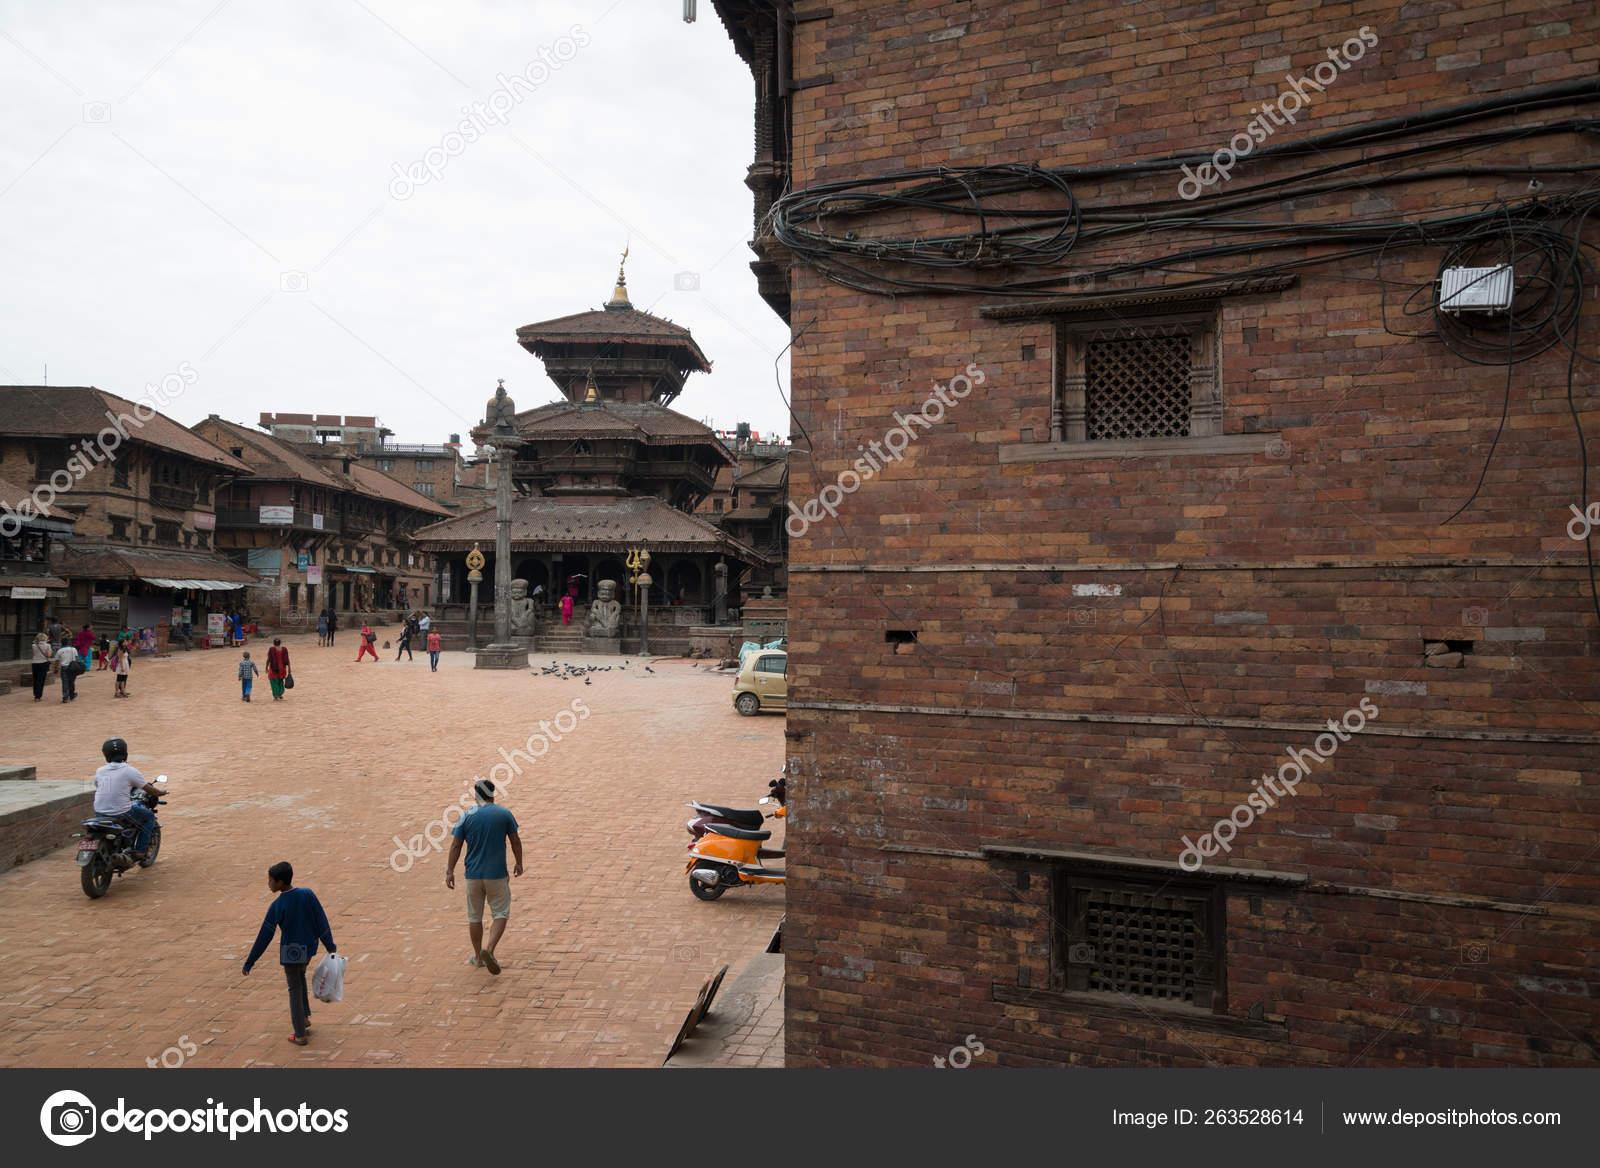 randevúk a kathmandu-völgybenang randevú daan helyeken